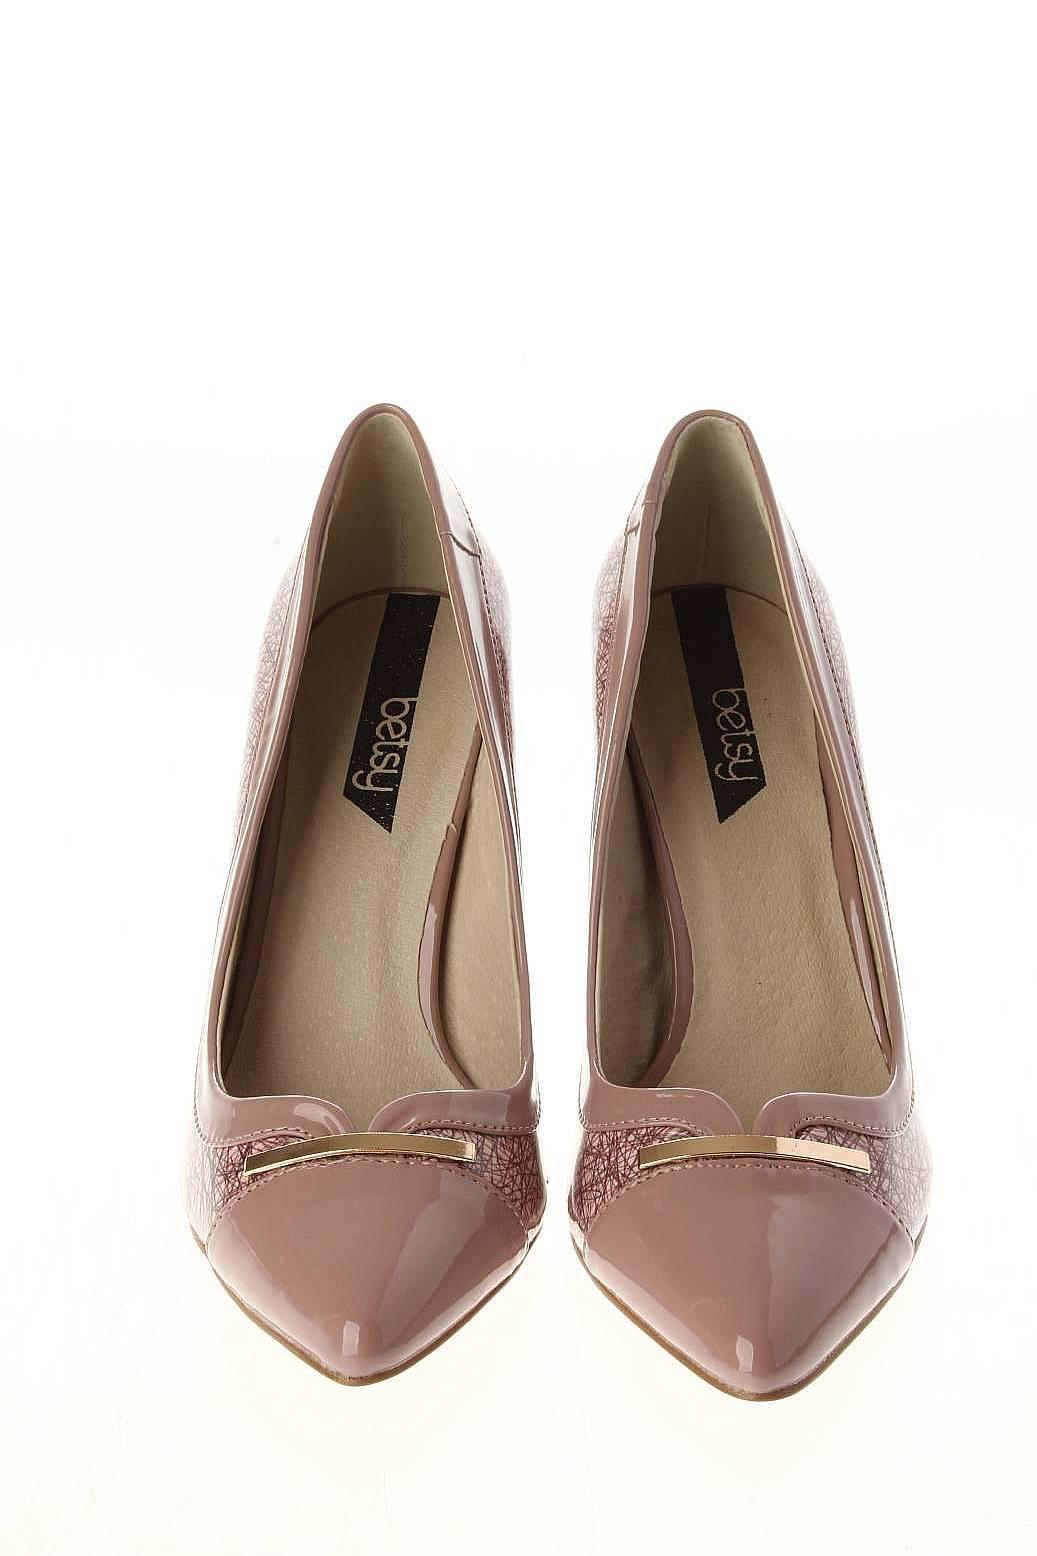 Мужская Обувь Детская Обувь Женская Обувь Туфли: BETSY Обувь